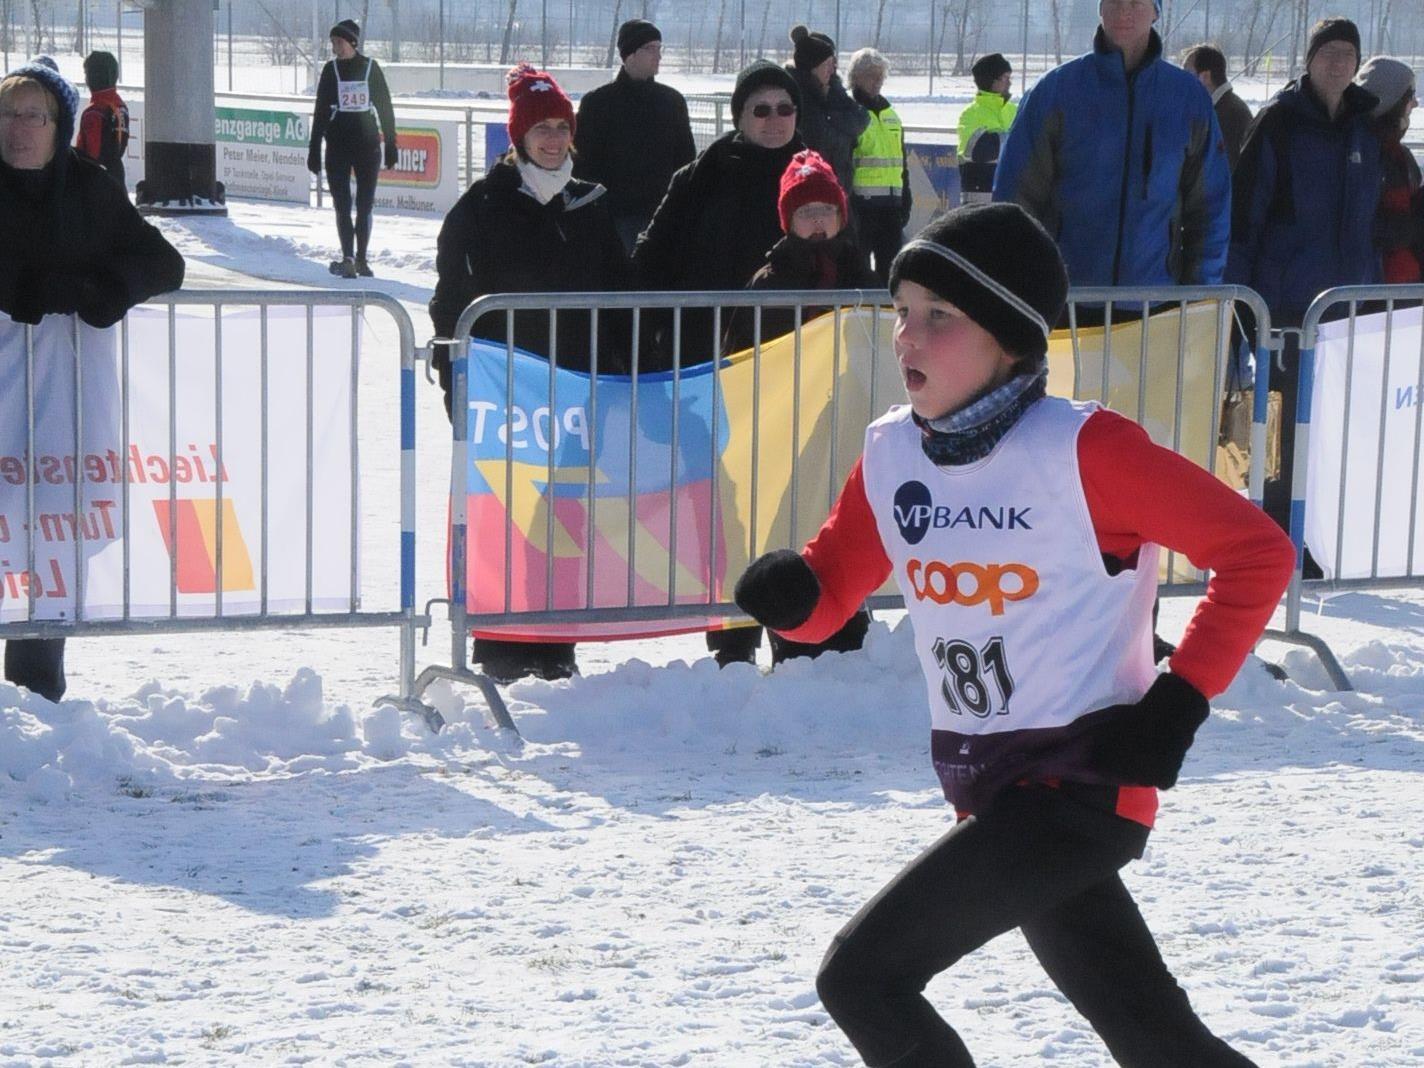 Leon Pauger holte den U 16-Vizelandesmeistertitel im Crosslauf.